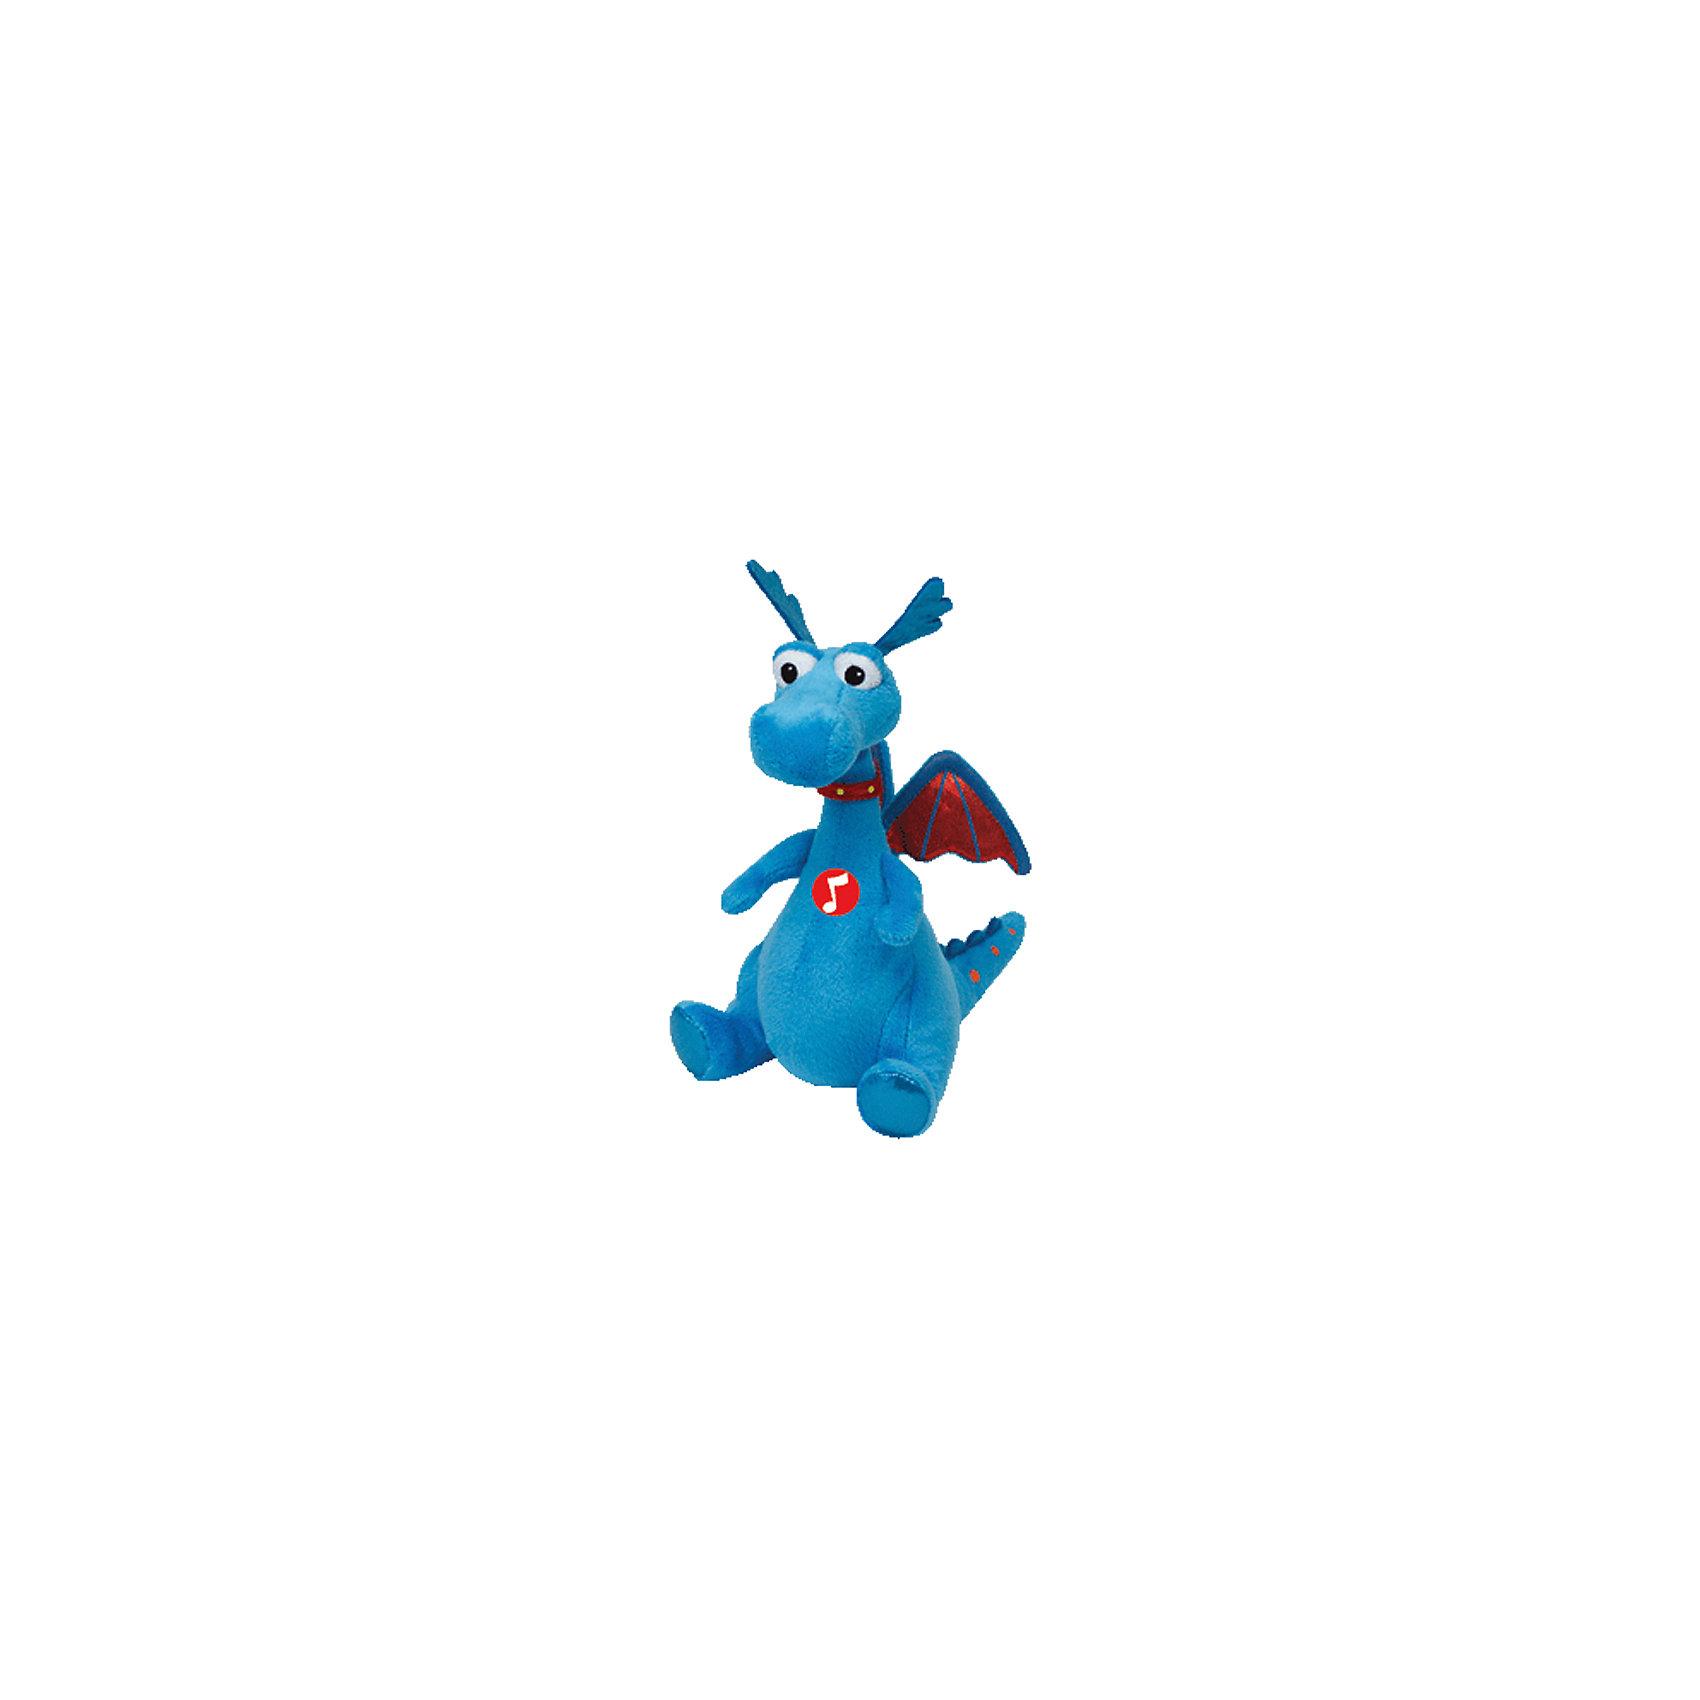 Дракон Stuffy, 17 см, звуковые эффекты, Доктор Плюшева